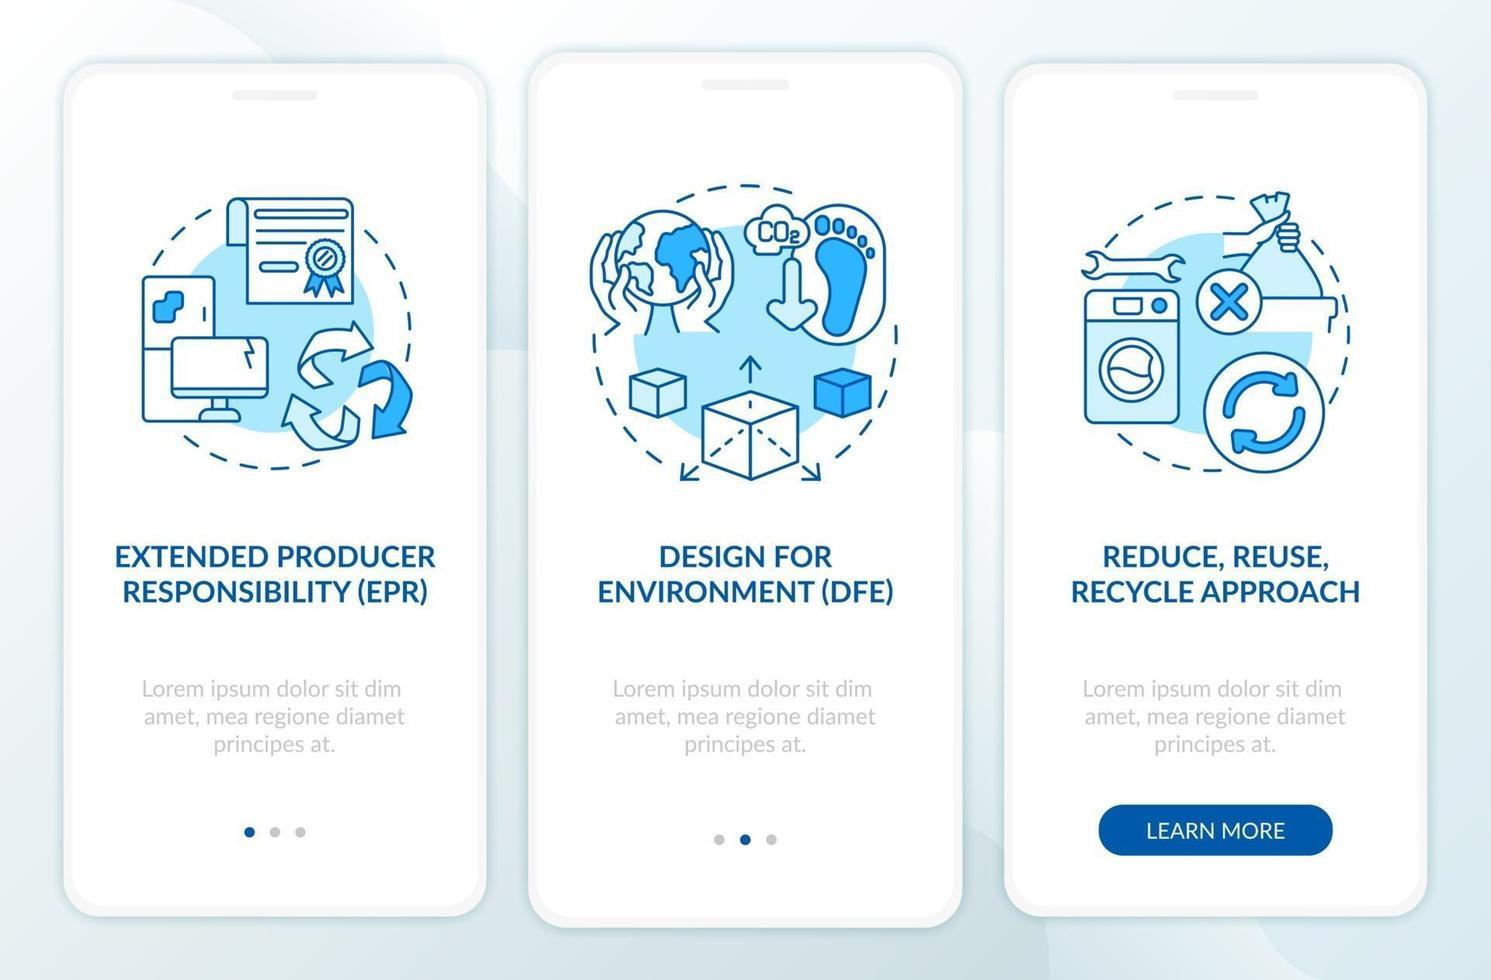 iniziative di riduzione dei rifiuti elettronici onboarding schermata della pagina dell'app mobile con concetti vettore